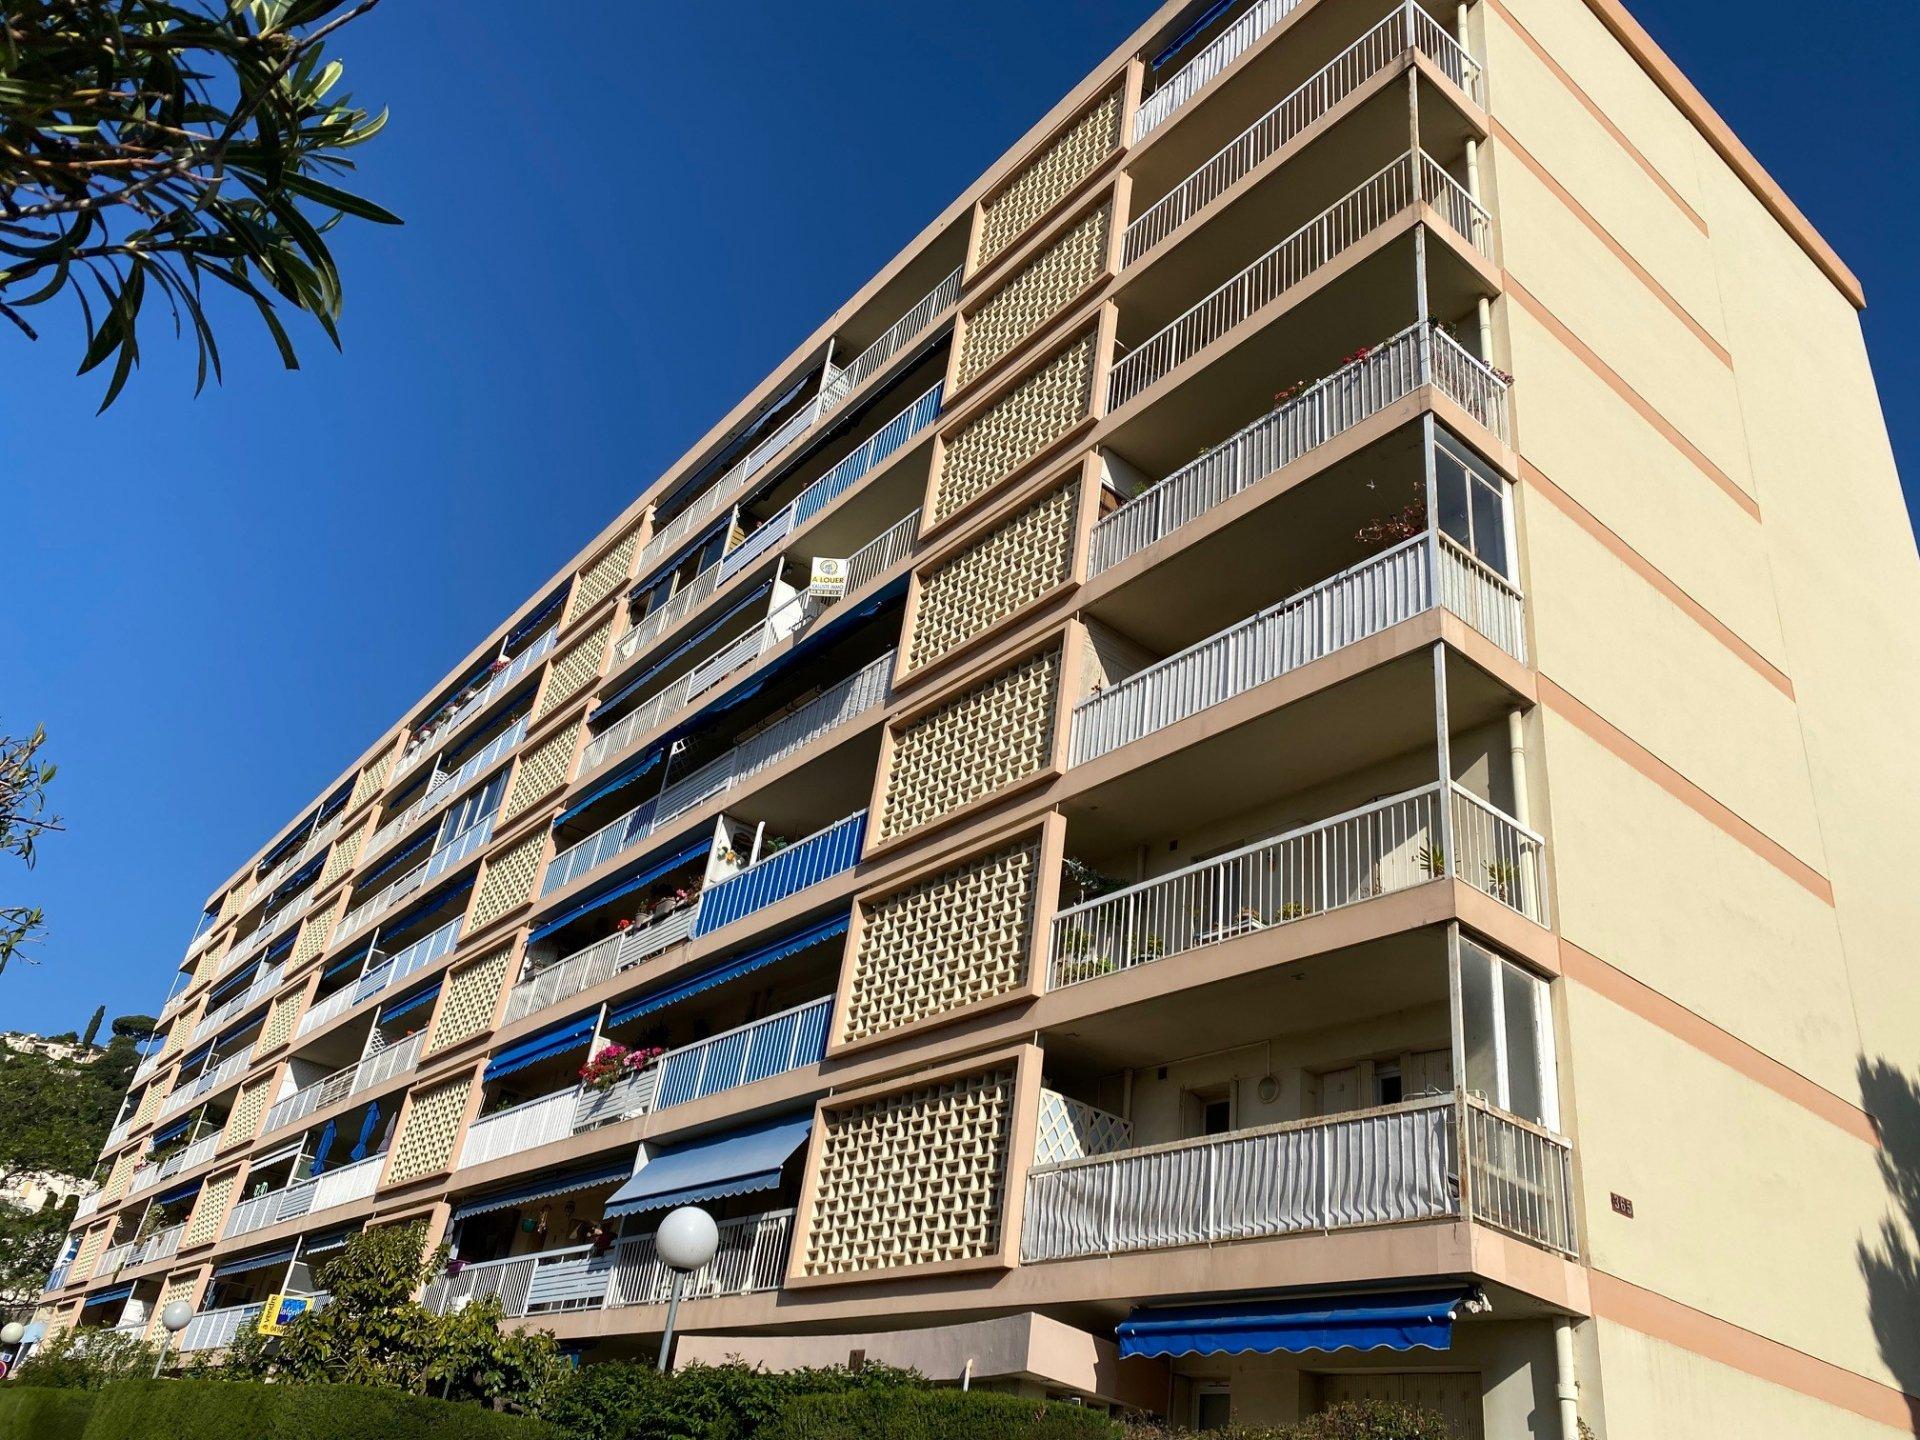 Affitto Appartamento - Saint-Laurent-du-Var Centre Ville